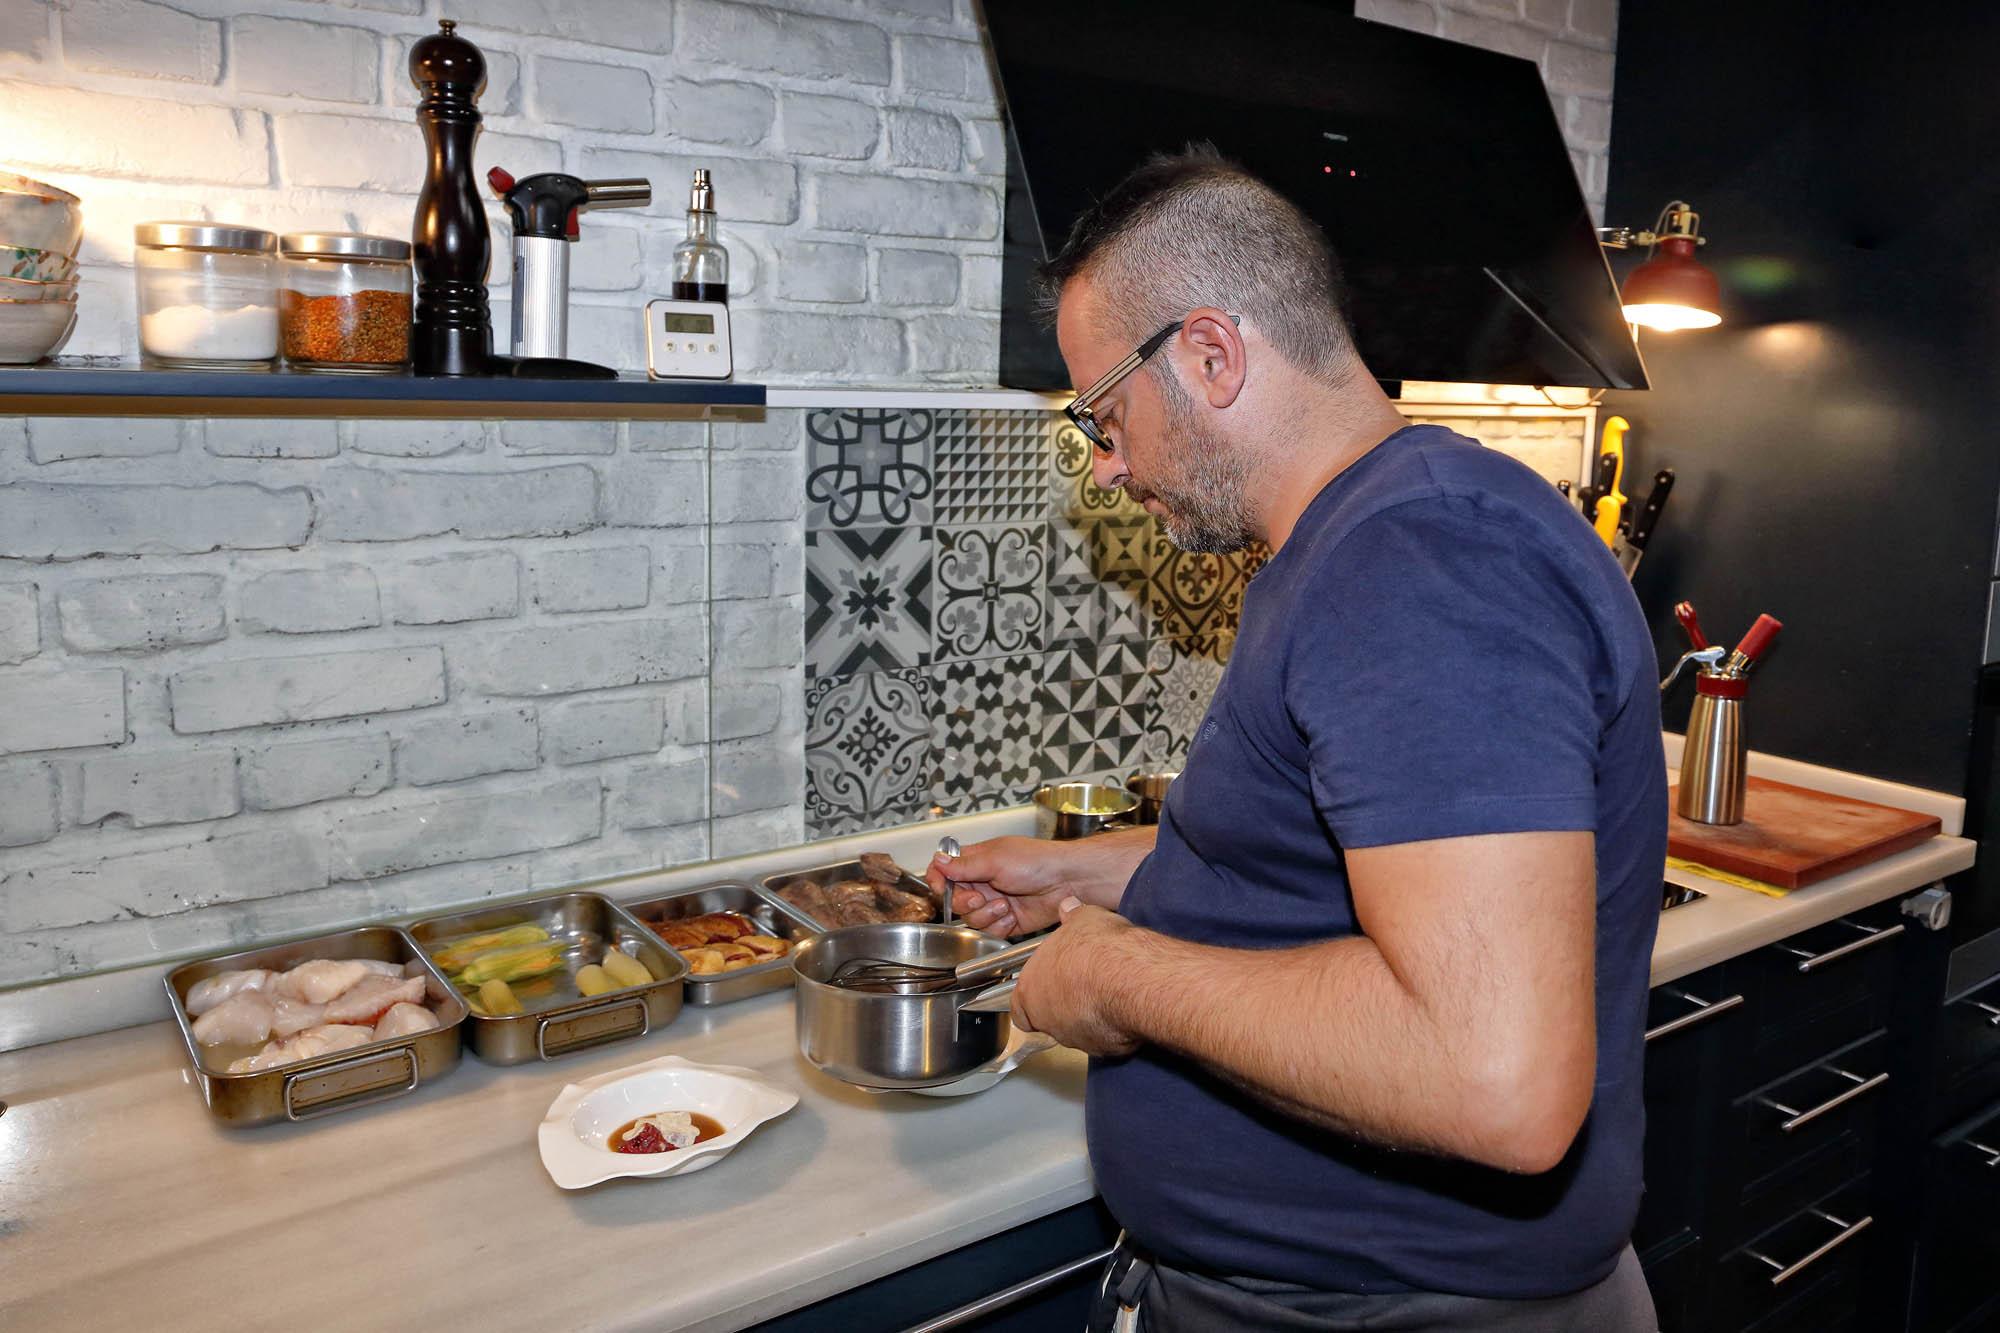 Pedro trabajó durante 16 años en 'Casa Antonio'. En septiembre de 2017, abrió 'Bagá'.